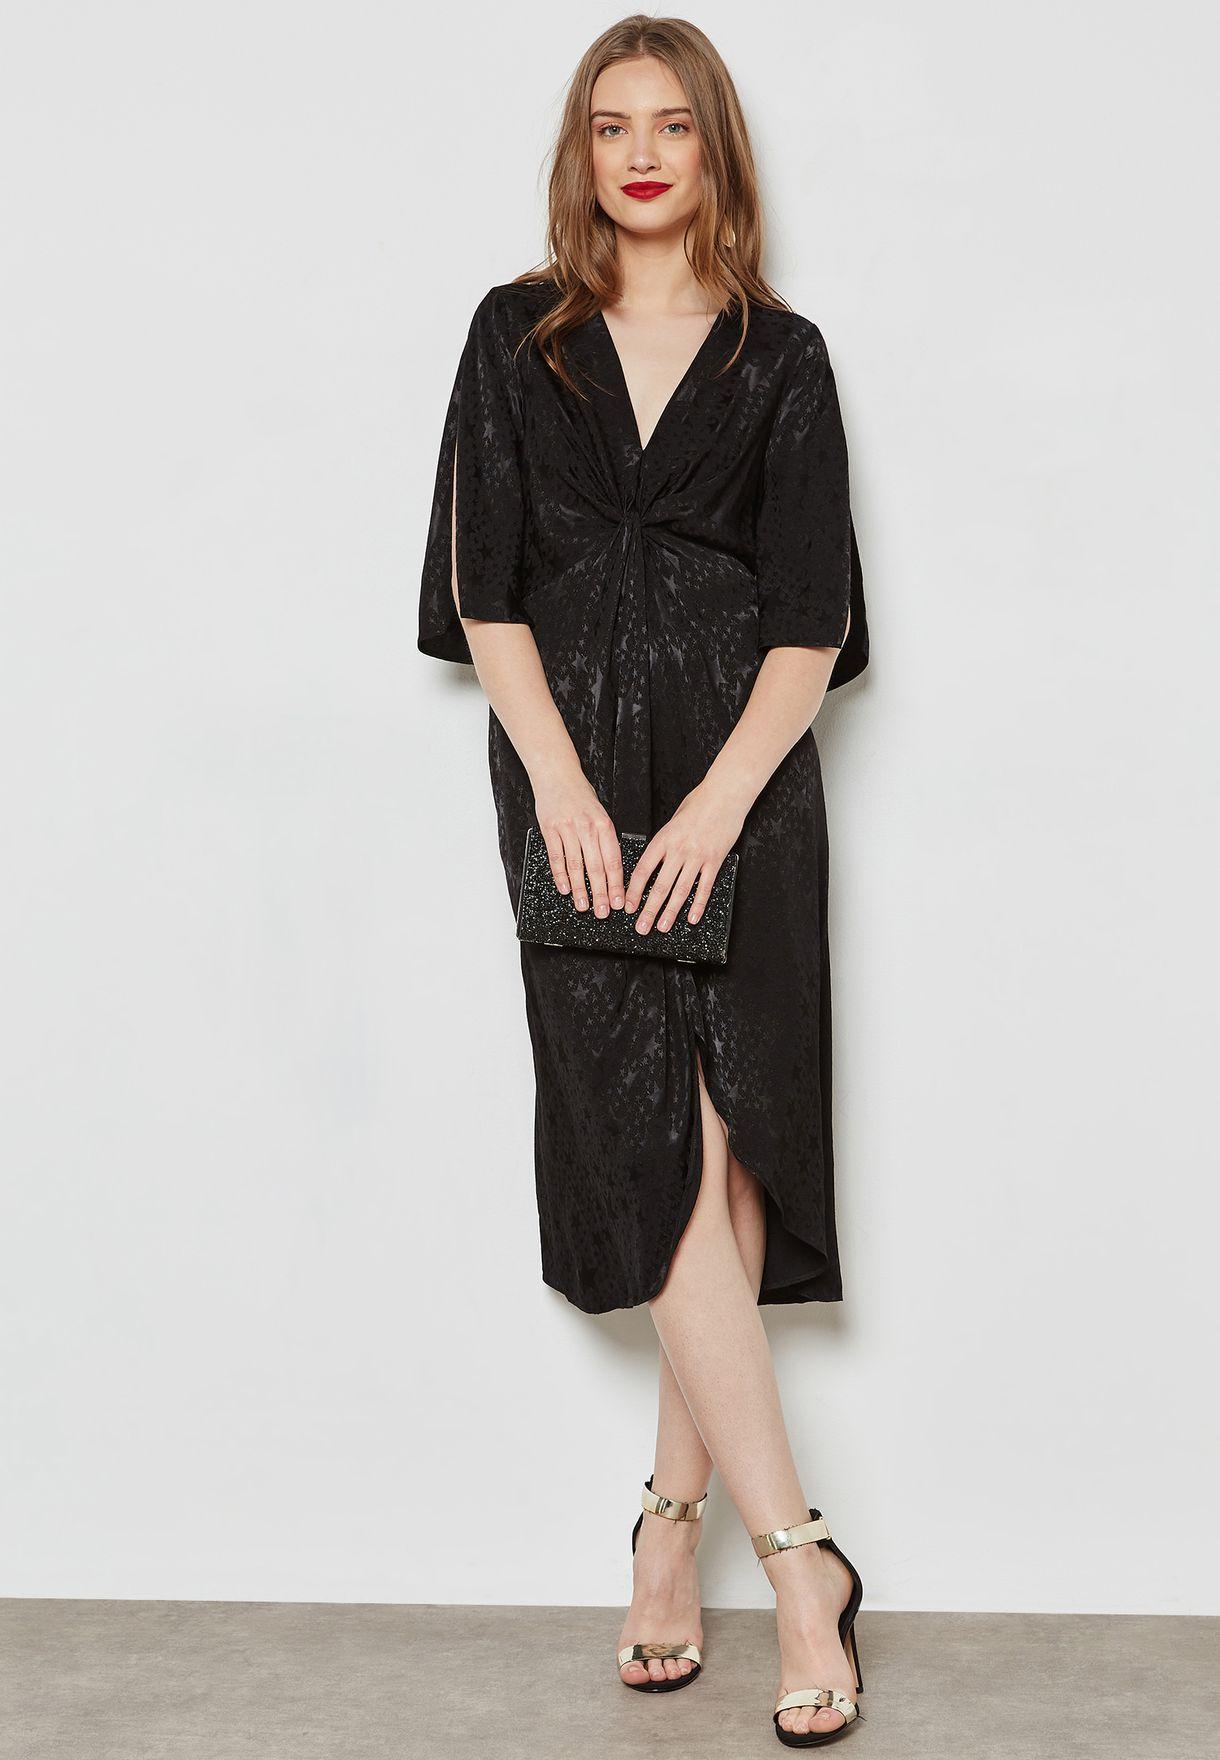 117e1e7d67 Shop Miss Selfridge black Star Jacquard Wrap Dress 18D50VBLK for ...